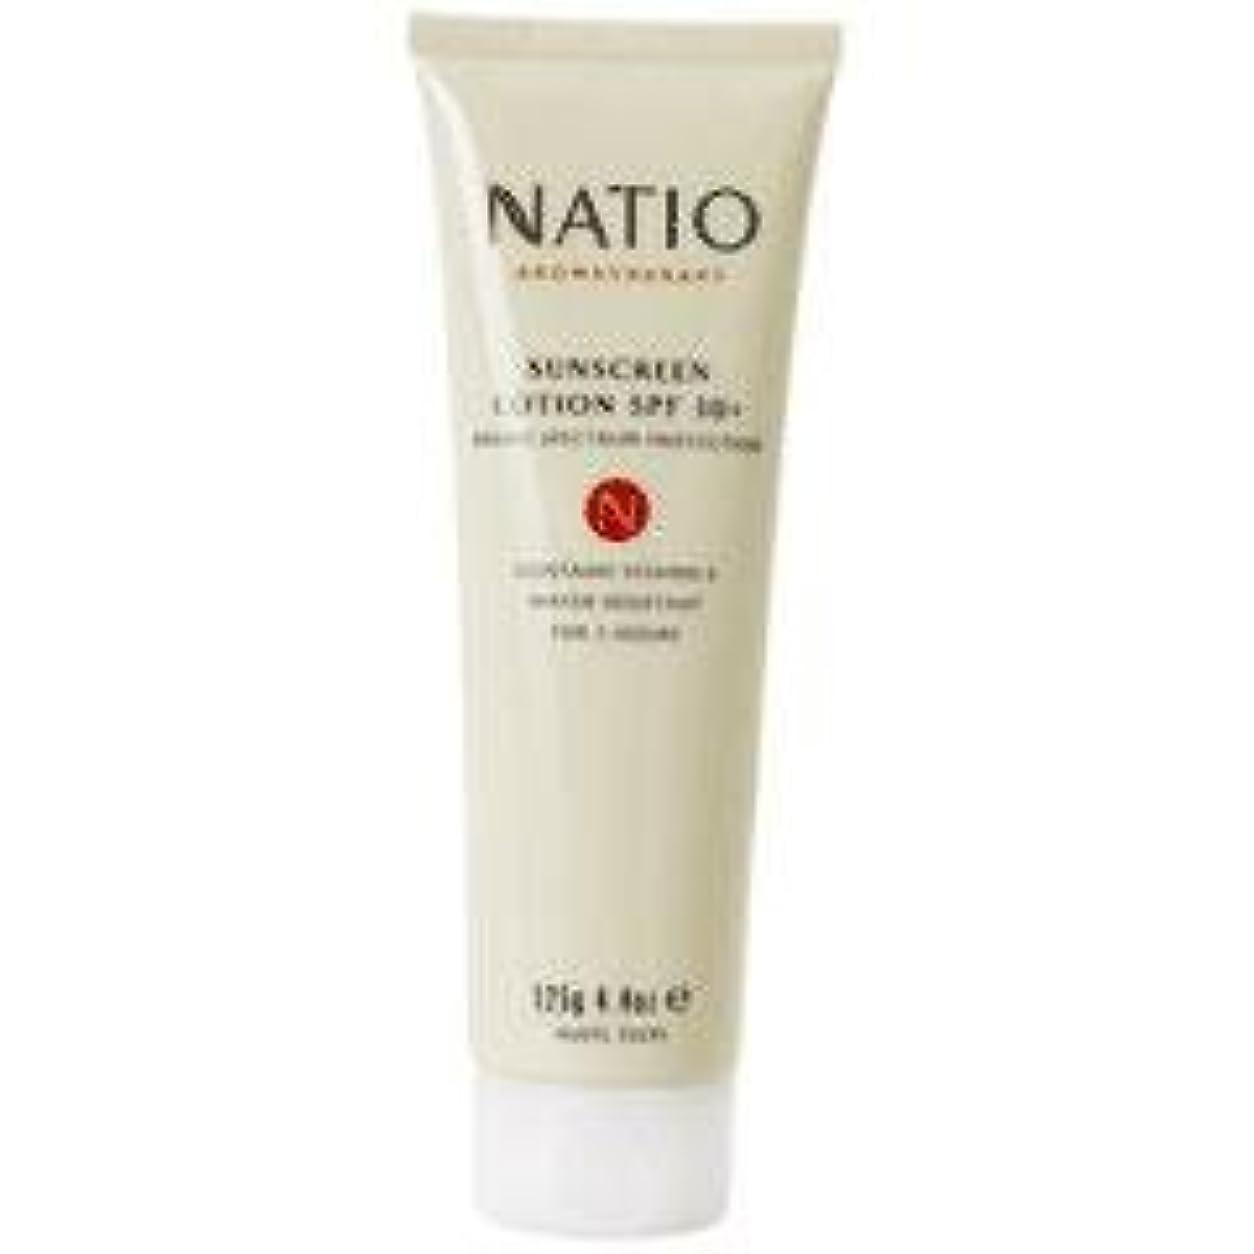 立法テセウス馬力【NATIO Aromatherapy Sunscreen Lotion SPF30+】 ナティオ  日焼け止めクリーム SPF30+ [海外直送品]